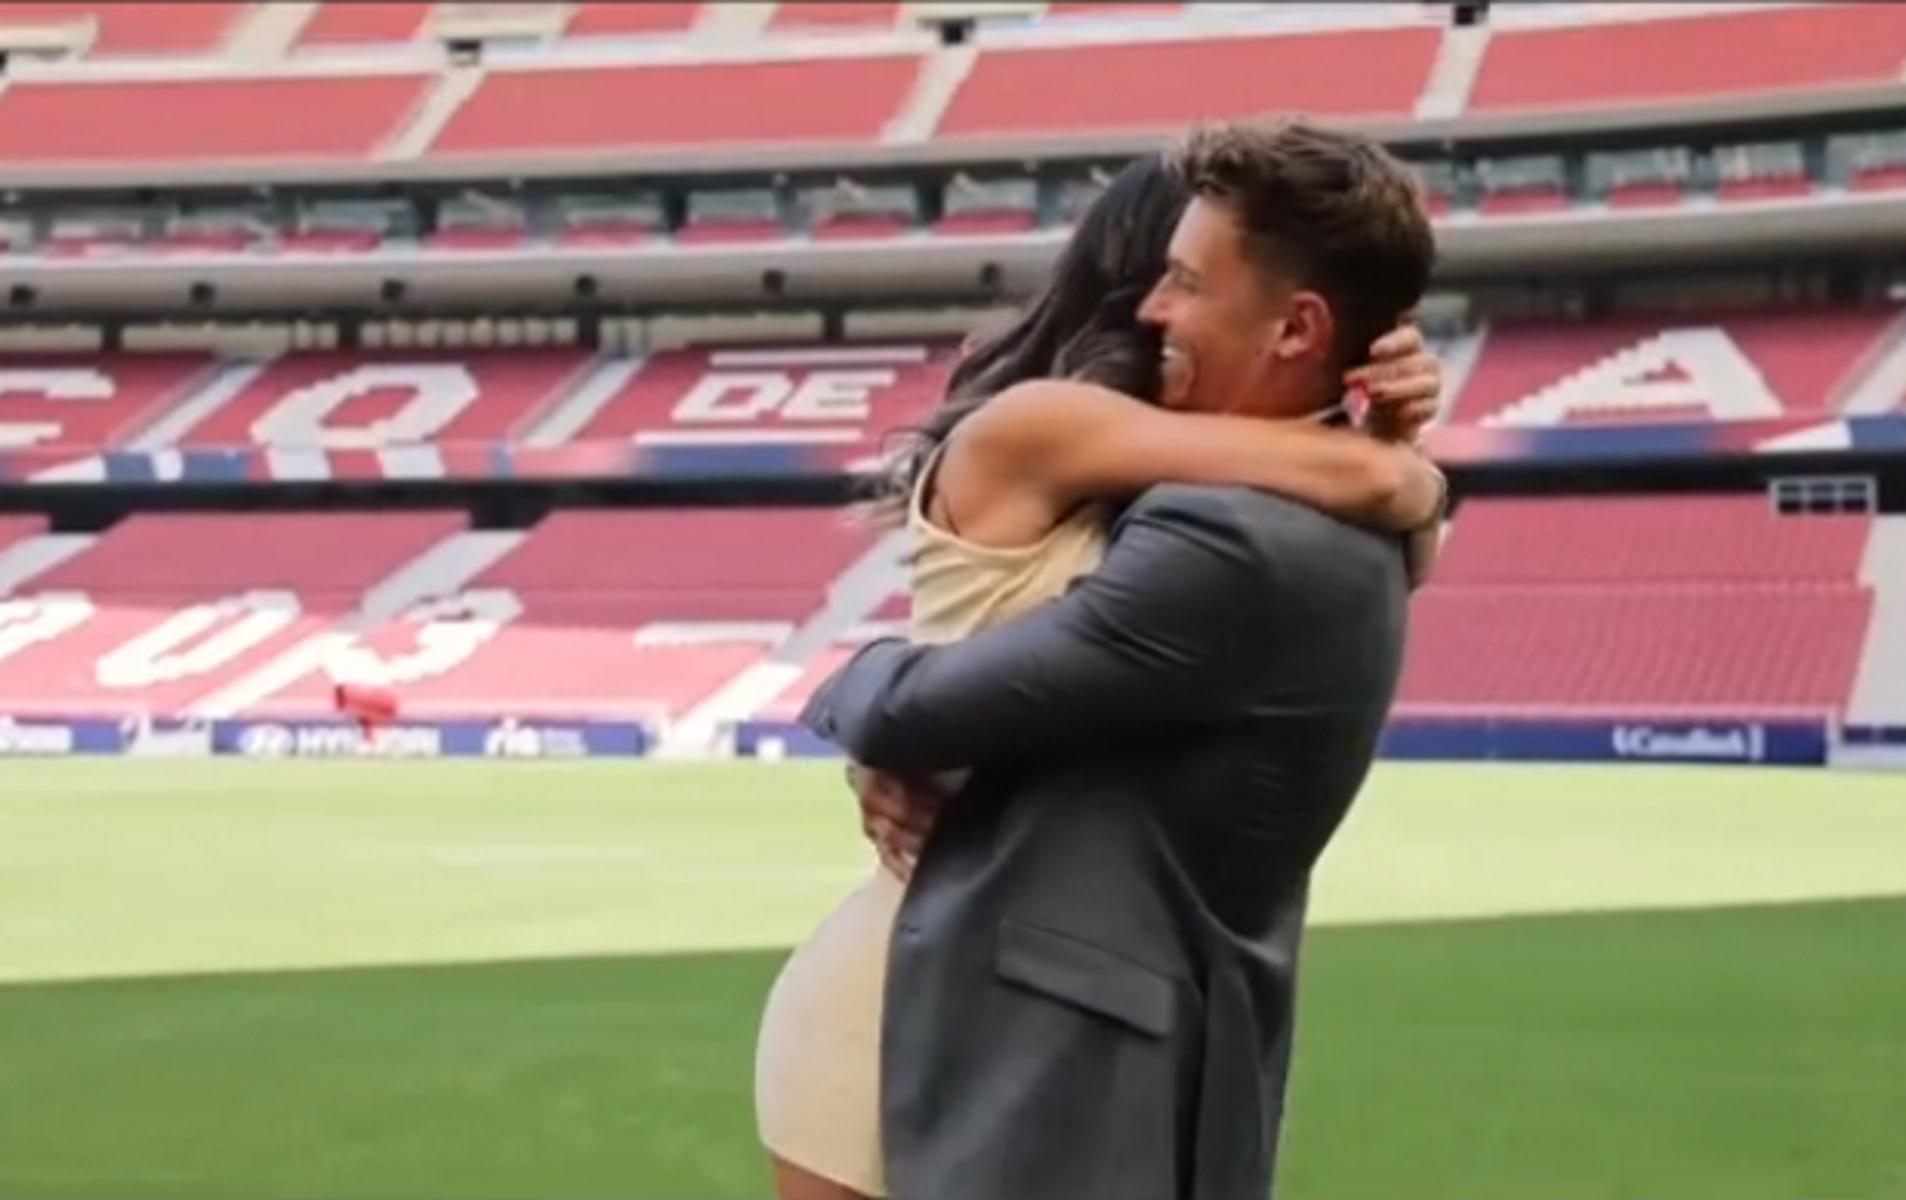 Ο Μάρκος Γιορέντε έκανε πρόταση γάμου στο γήπεδο της Ατλέτικο και η σύντροφος του πλάνταξε στο κλάμα